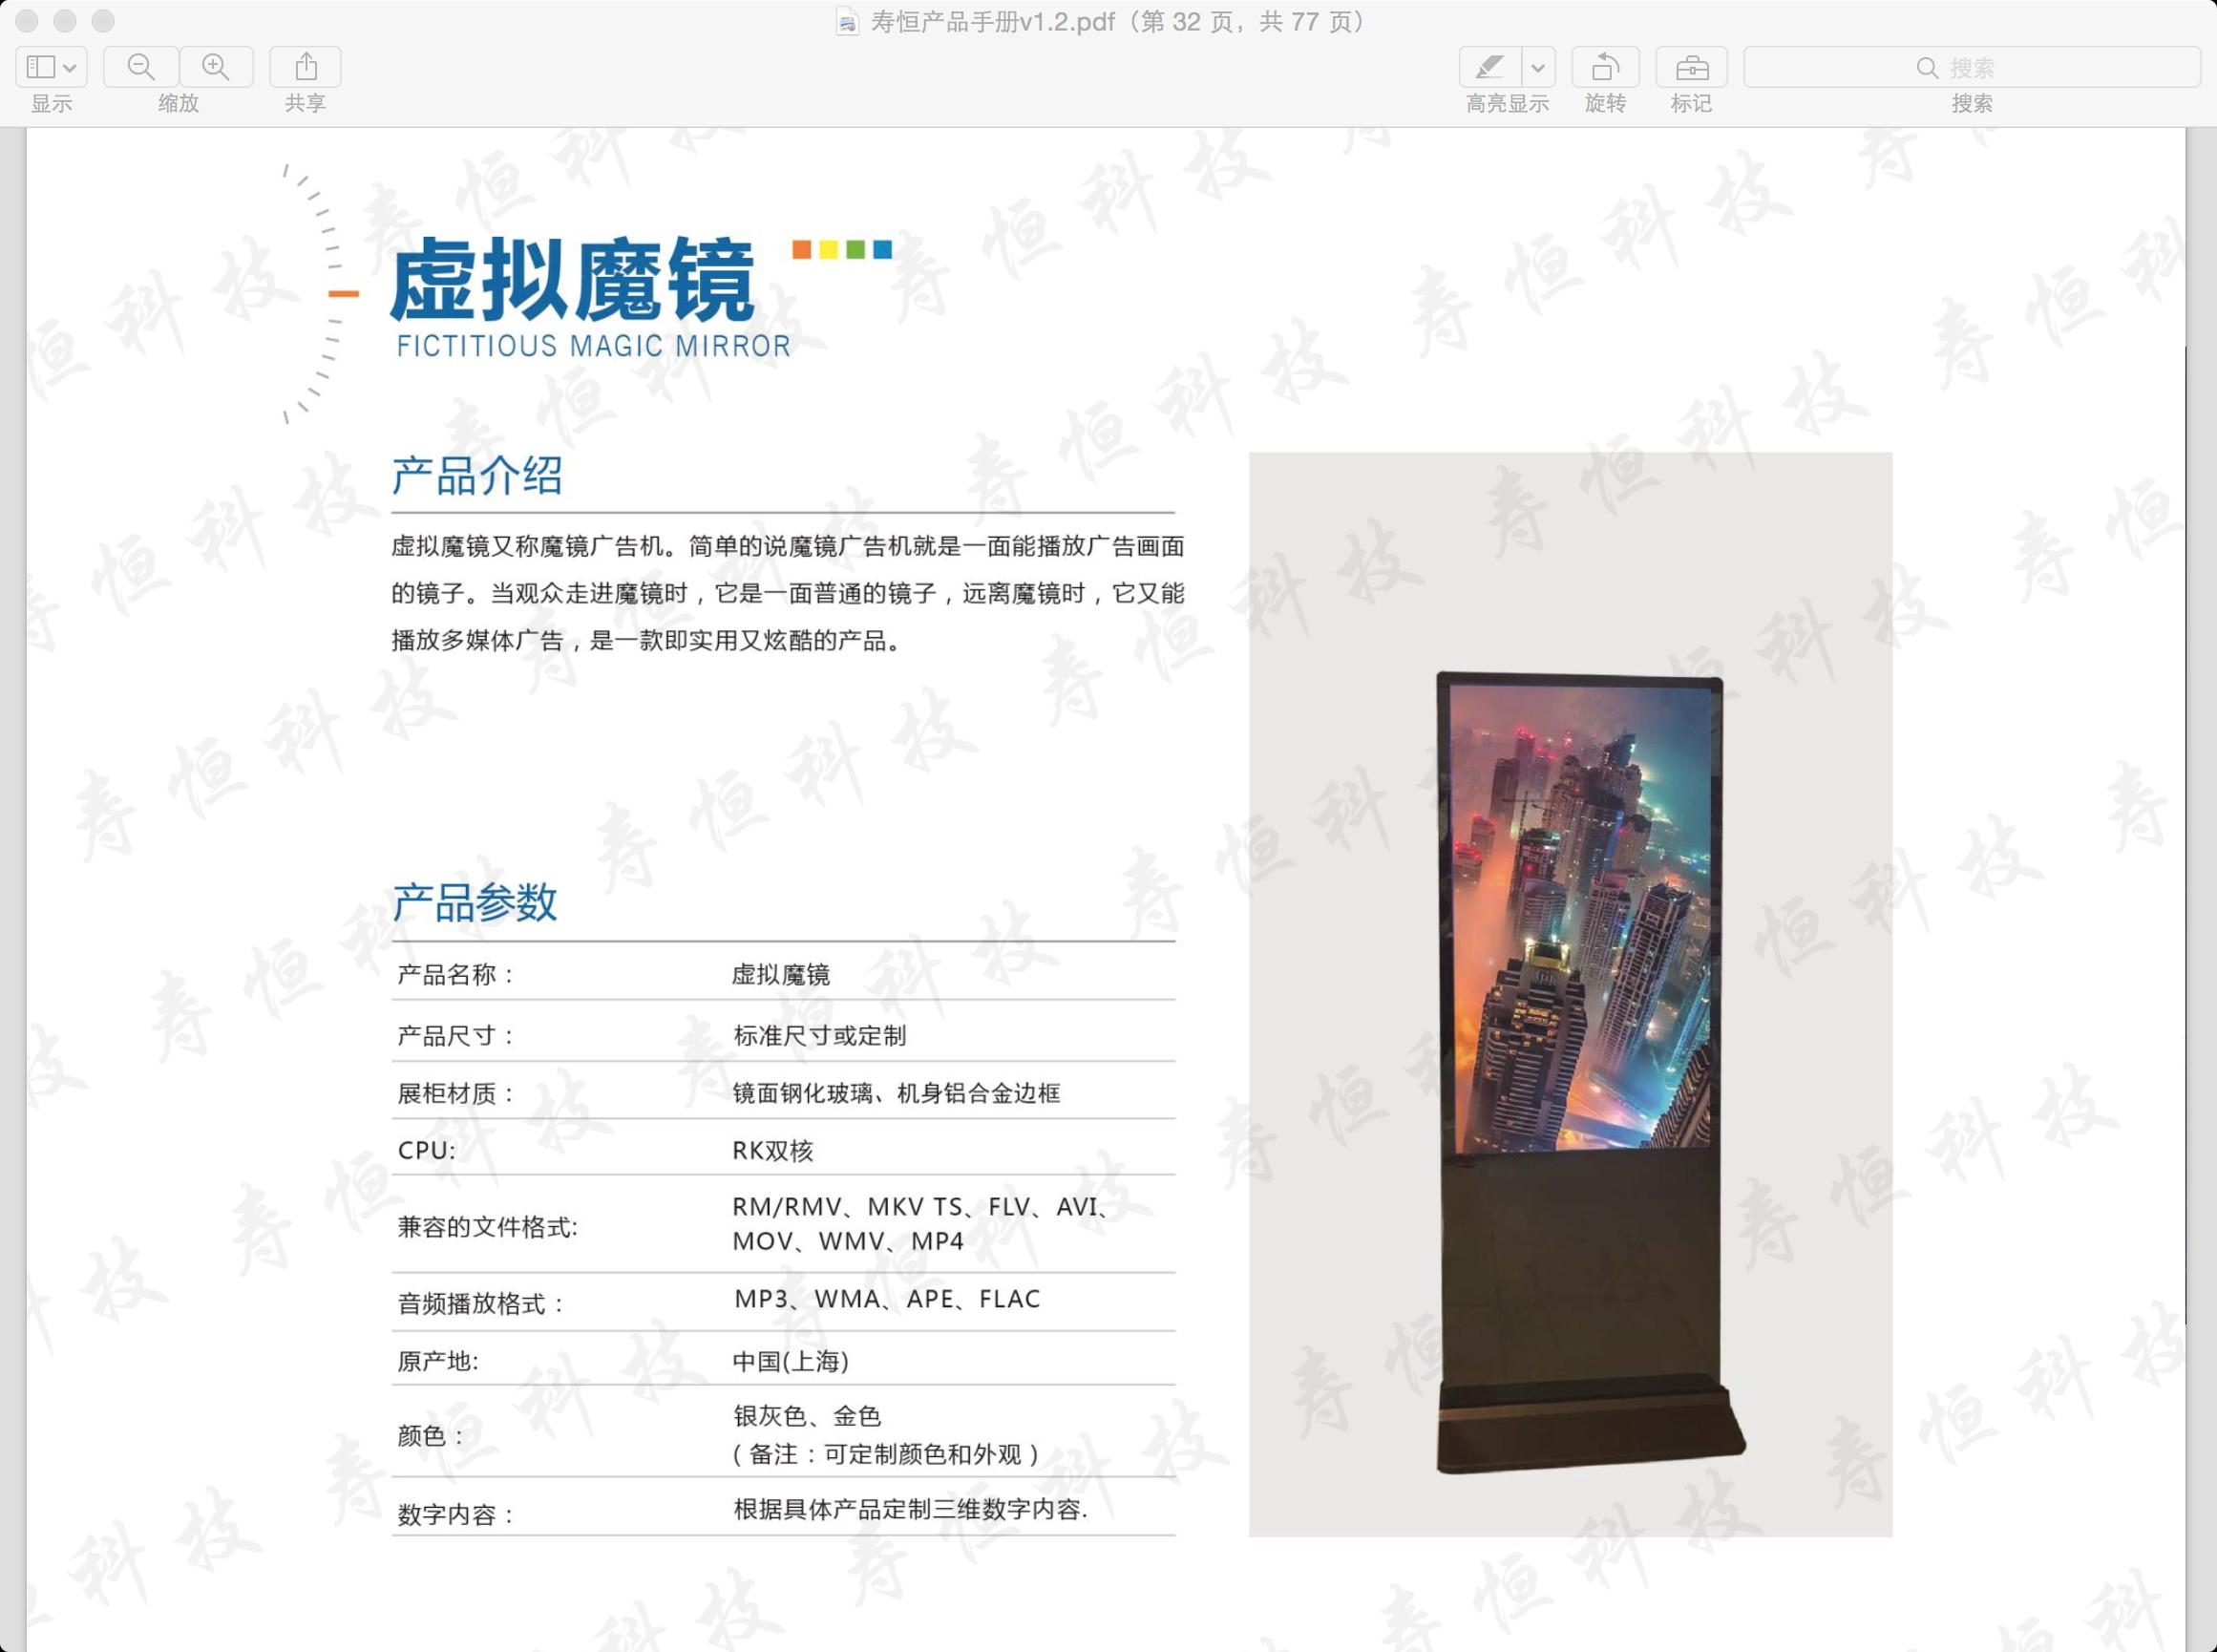 中国中国台湾智能魔镜货源充足「恒寿供应」